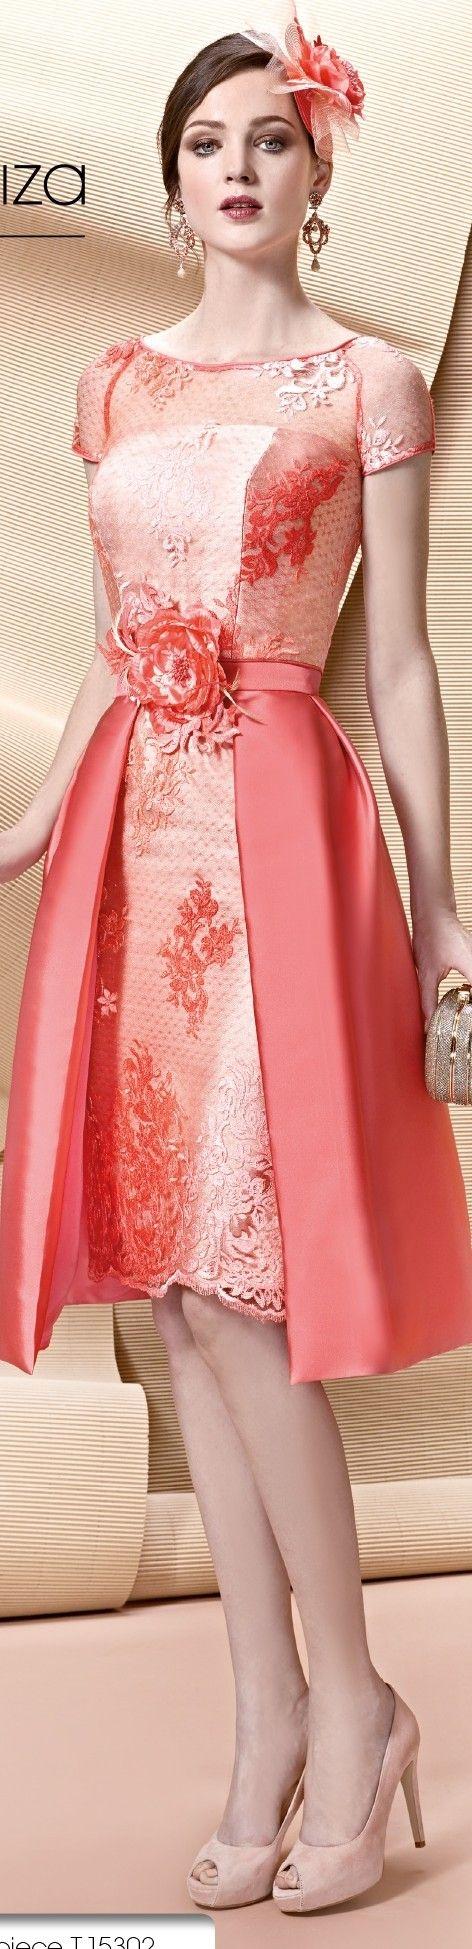 Angela Ariza jαɢlαdy | conjuntos de ropa | Pinterest | Vestiditos ...